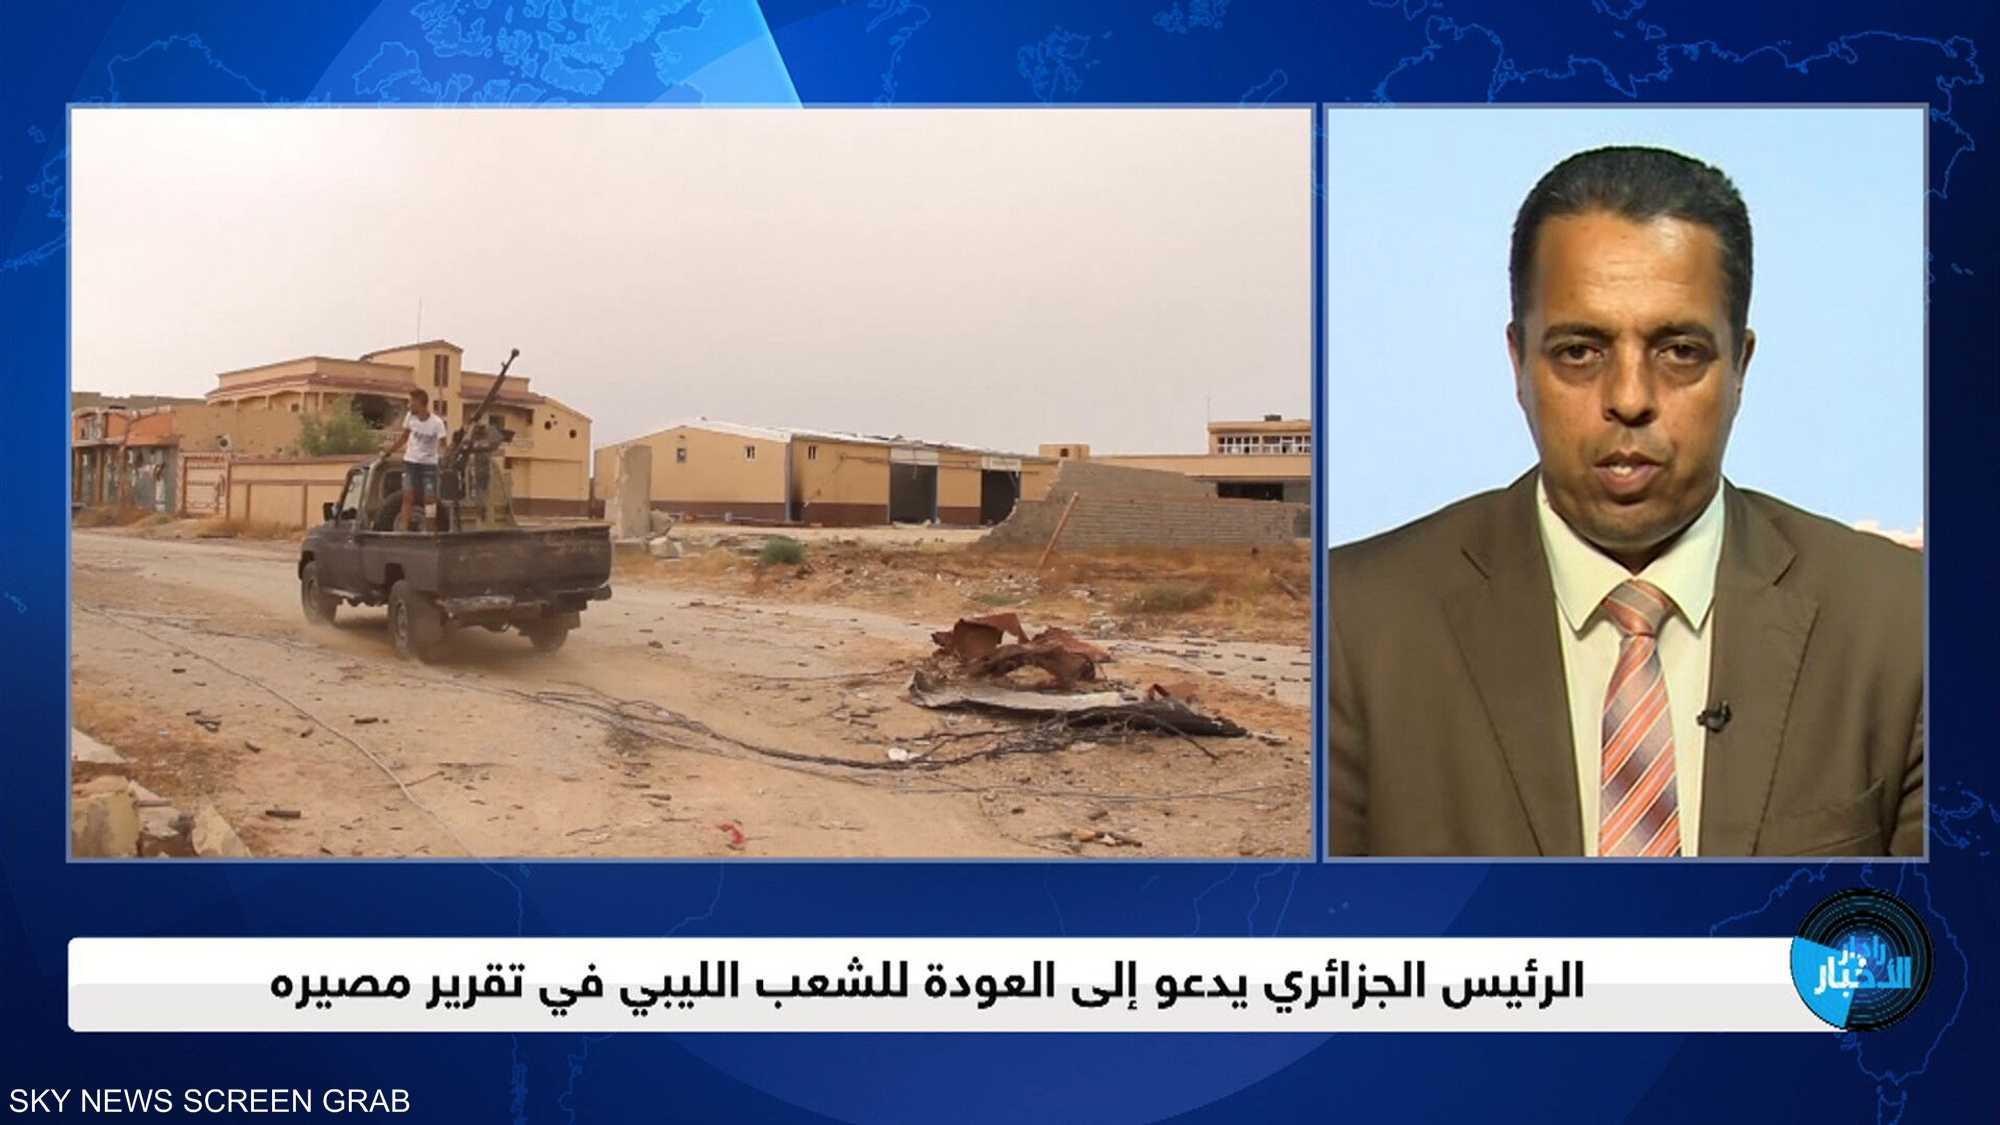 الرئيس الجزائري: الحكومة الحالية في ليبيا تجاوزها الزمن